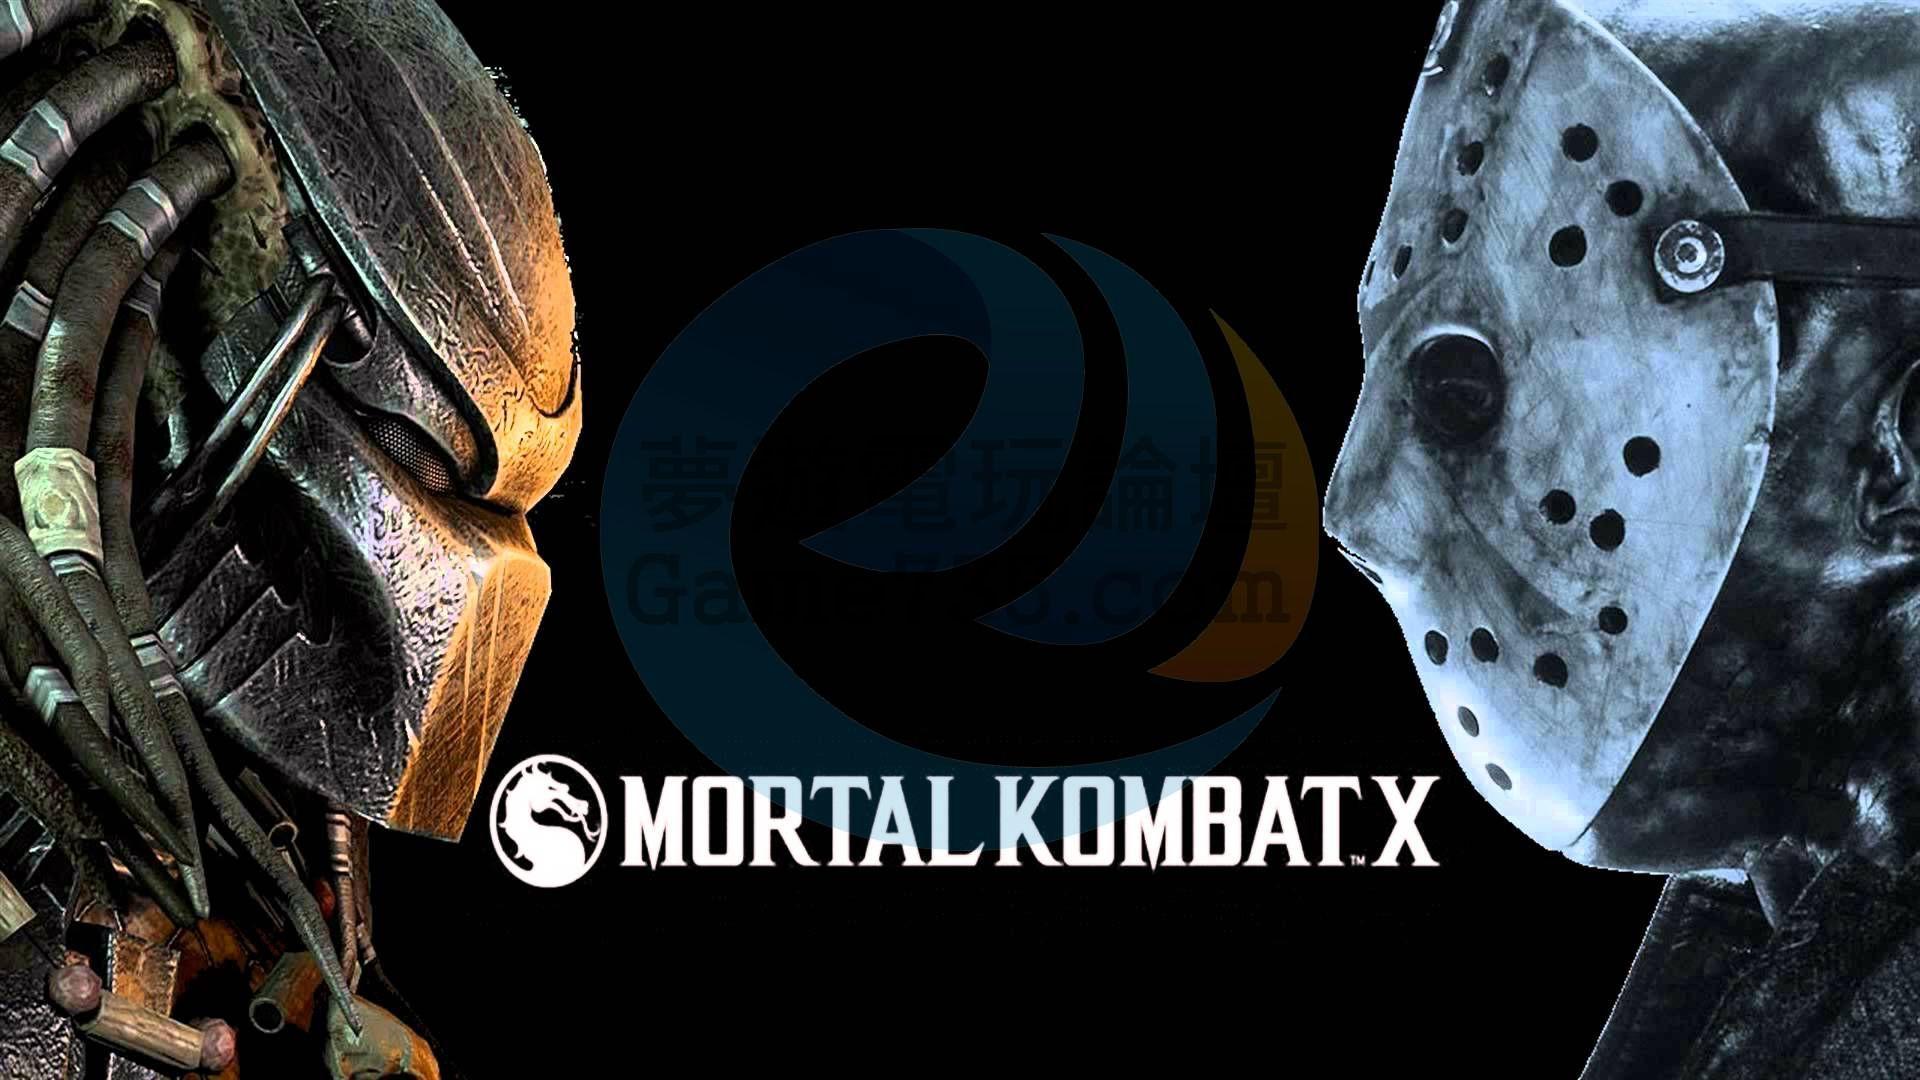 【修改版】MORTAL KOMBAT X MOD 3.2.0 真人快打X 中文 2021.4.1